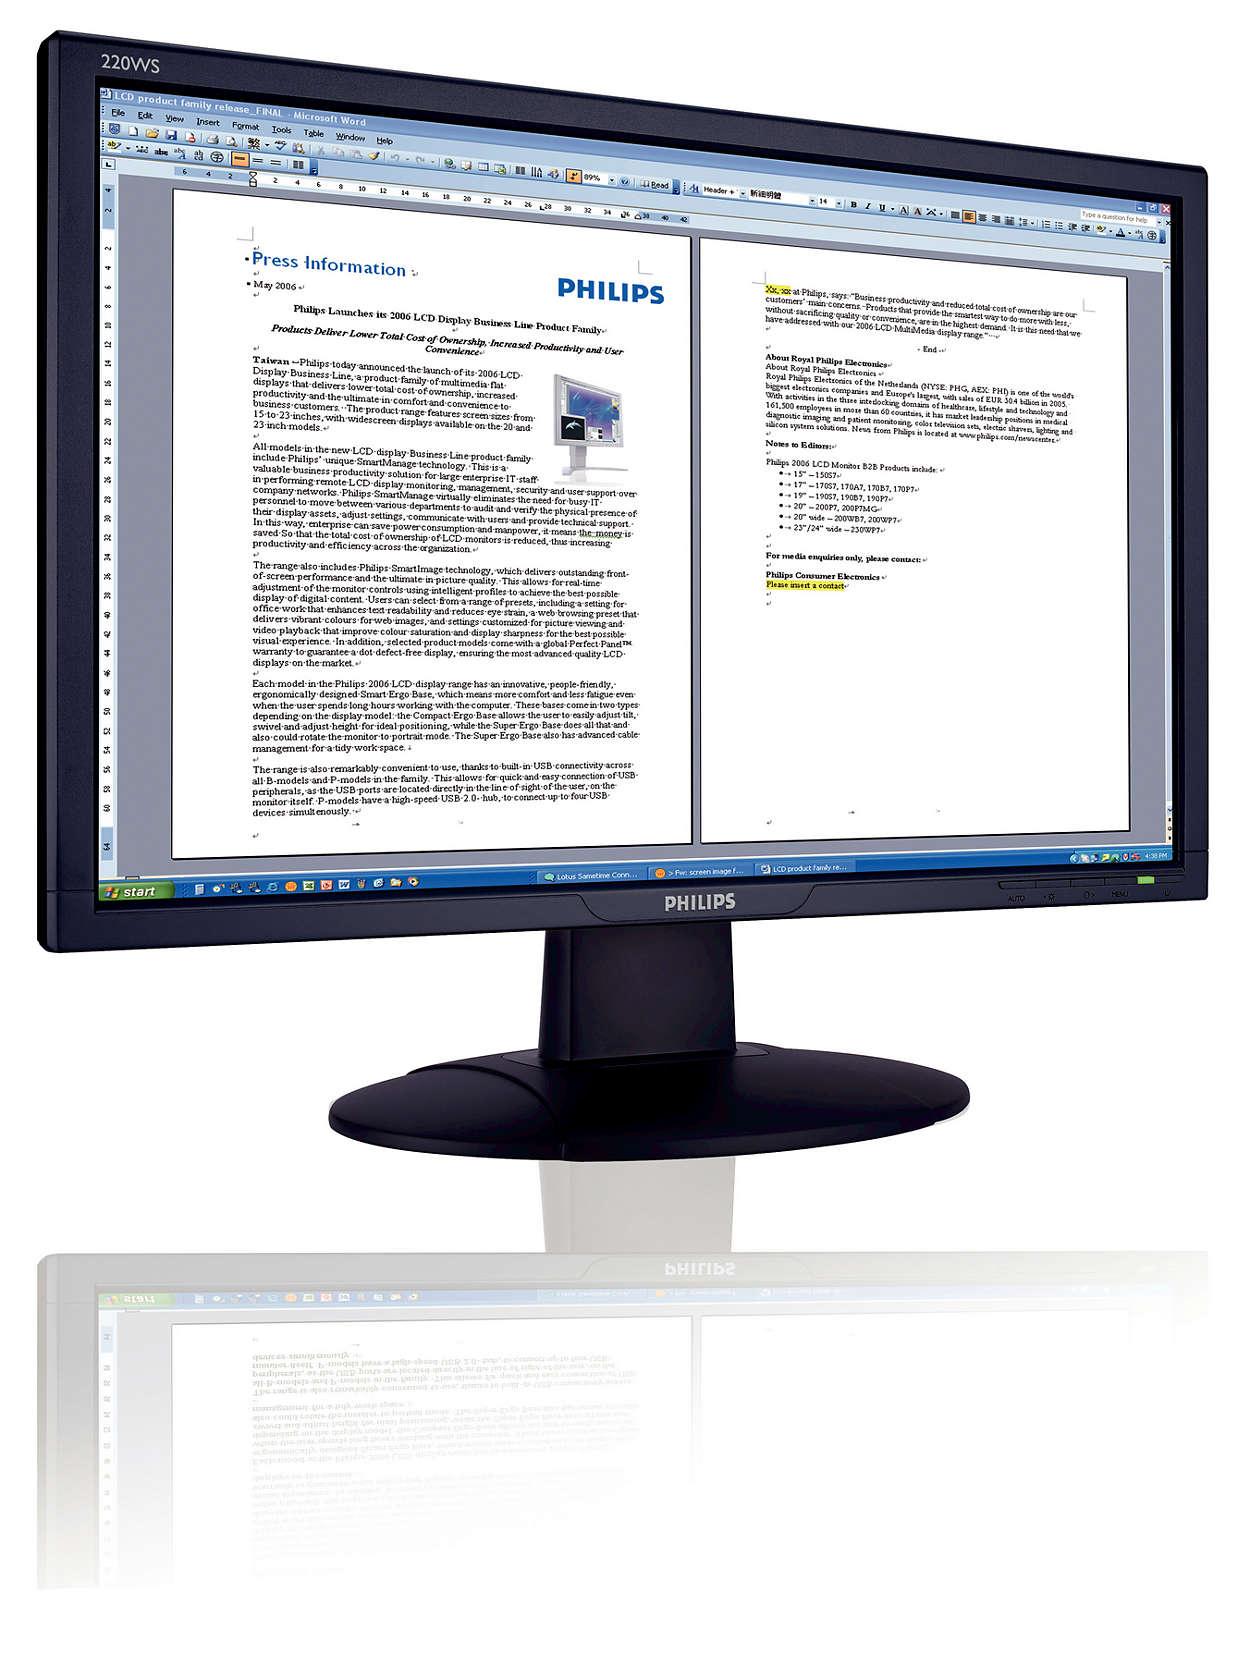 Wsparcie dla Windows Vista zapewnia niezakłóconą pracę biura